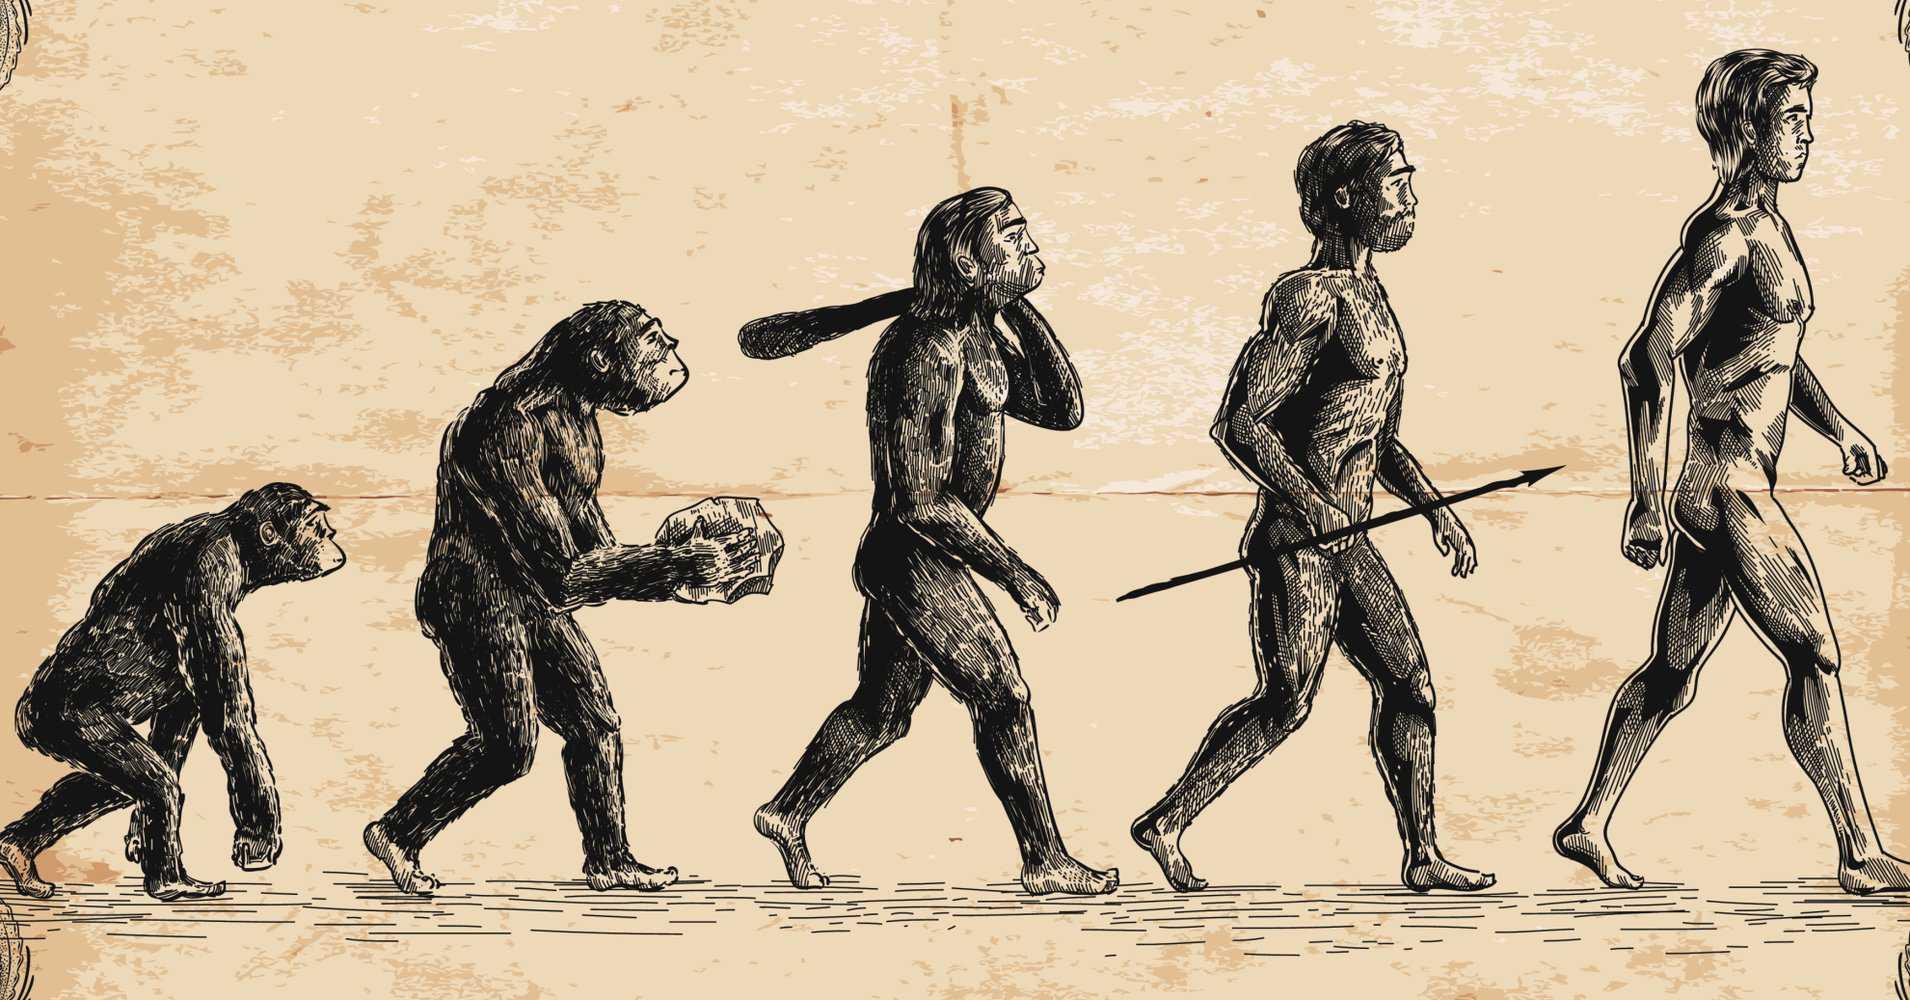 Картинки происхождения человека от обезьяны